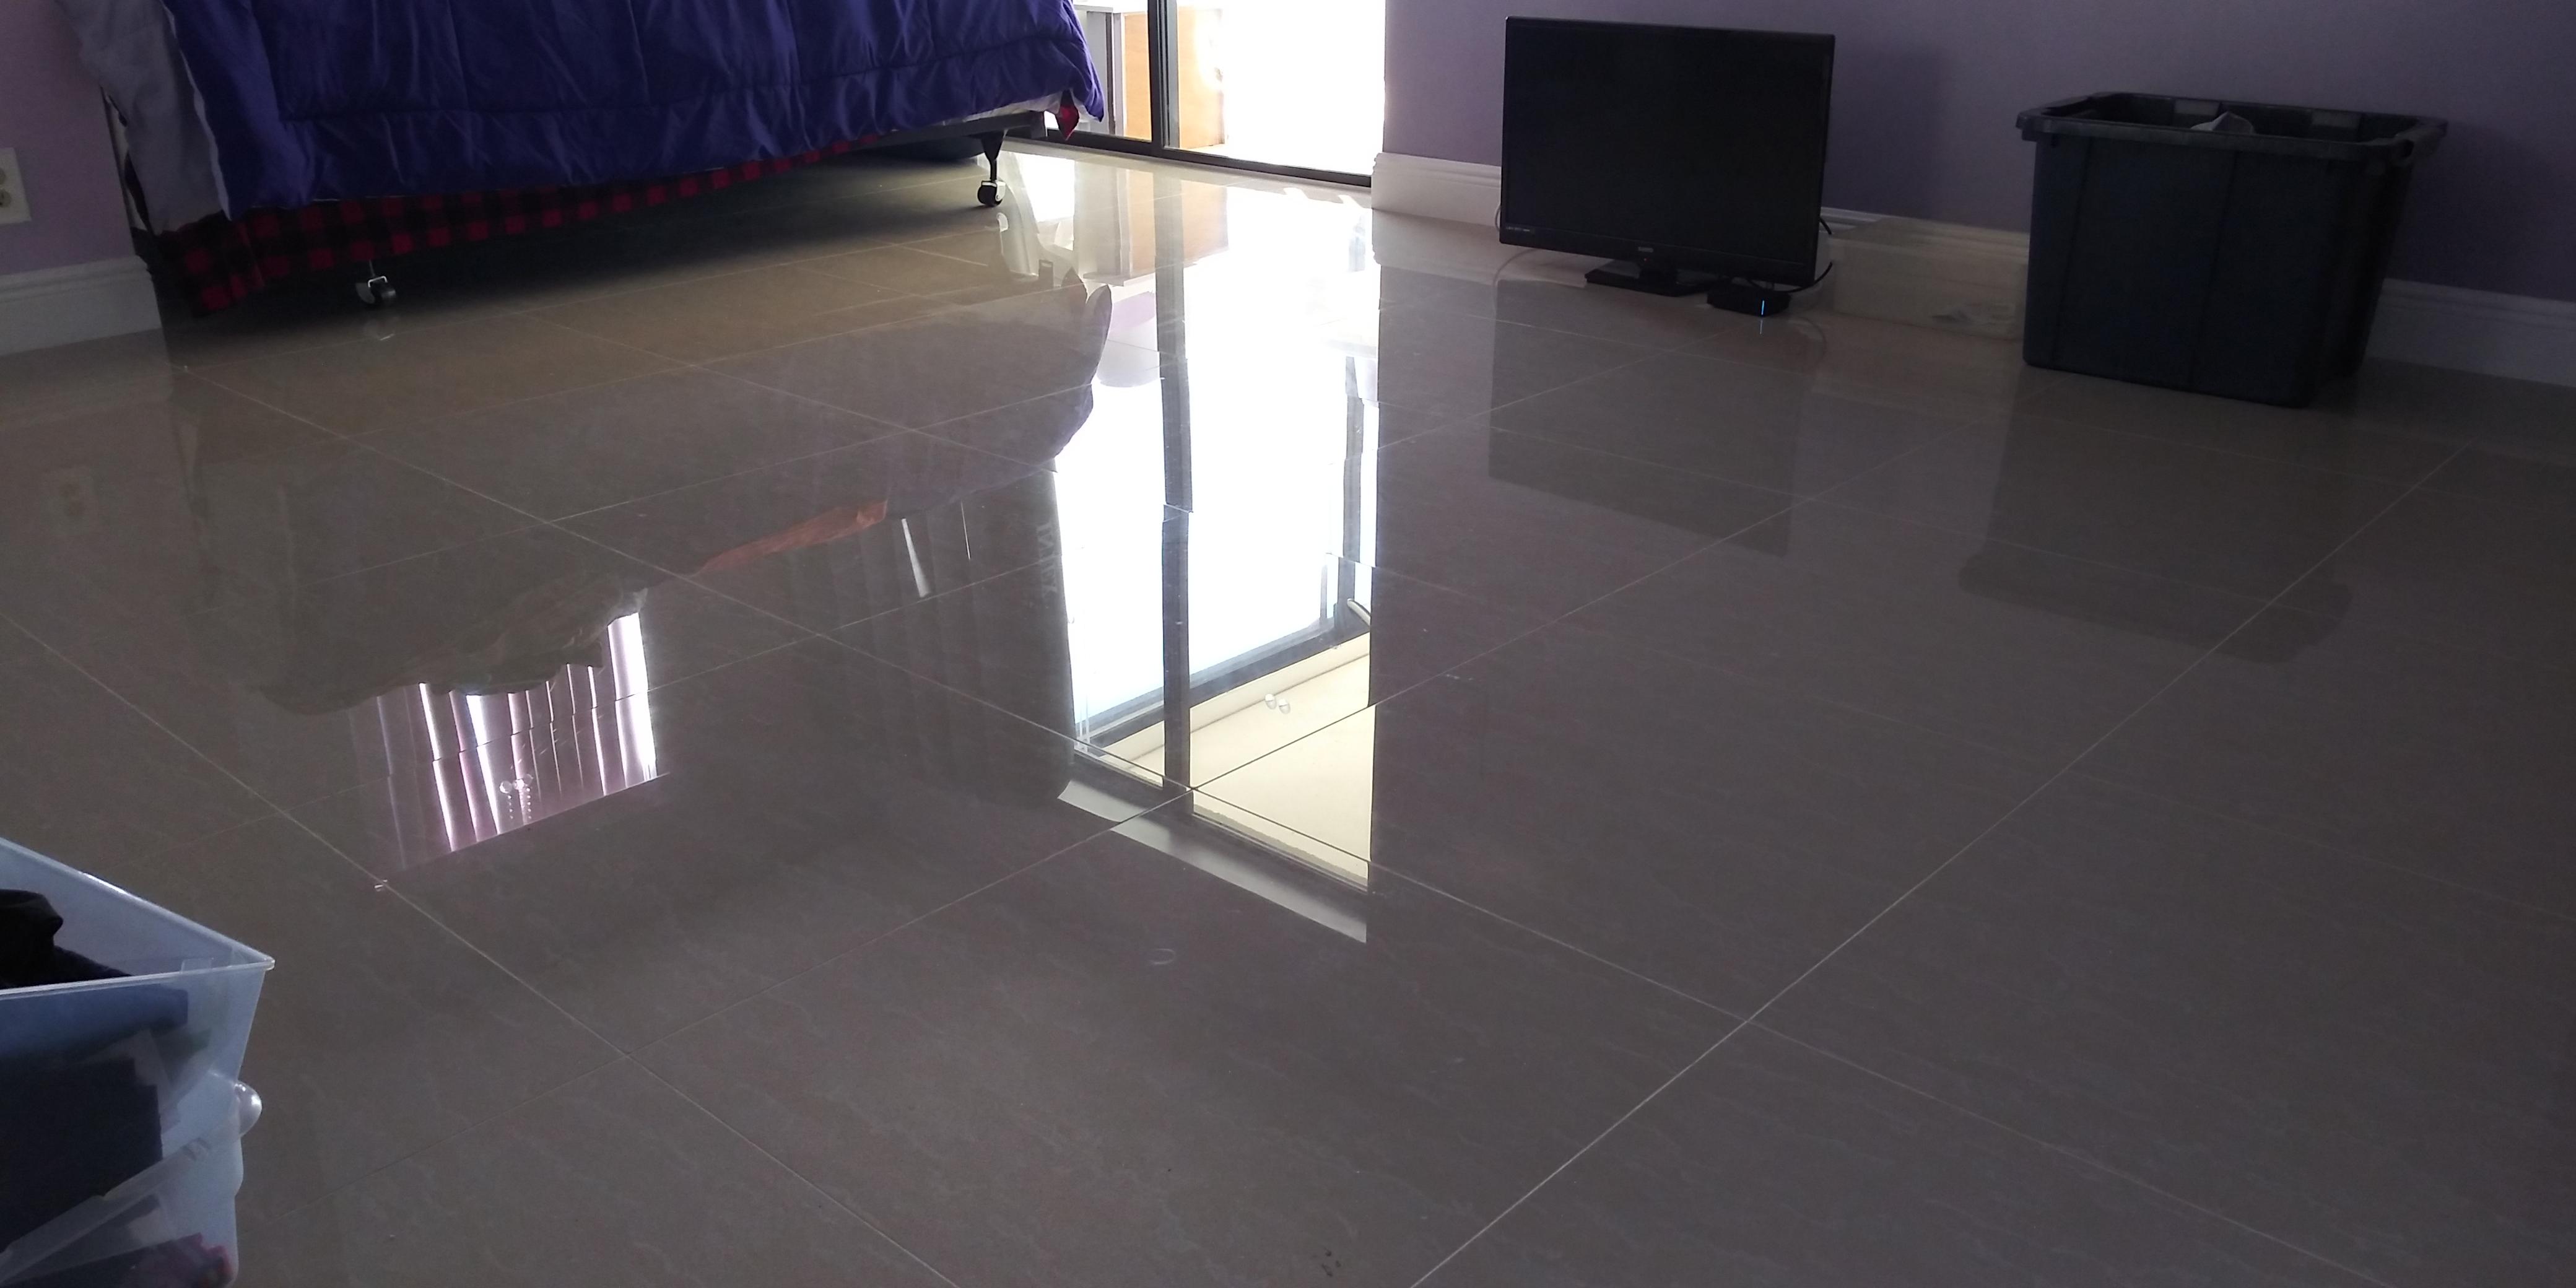 Amazing Flooring Works Reviews Deerfield Beach Fl Angie S List